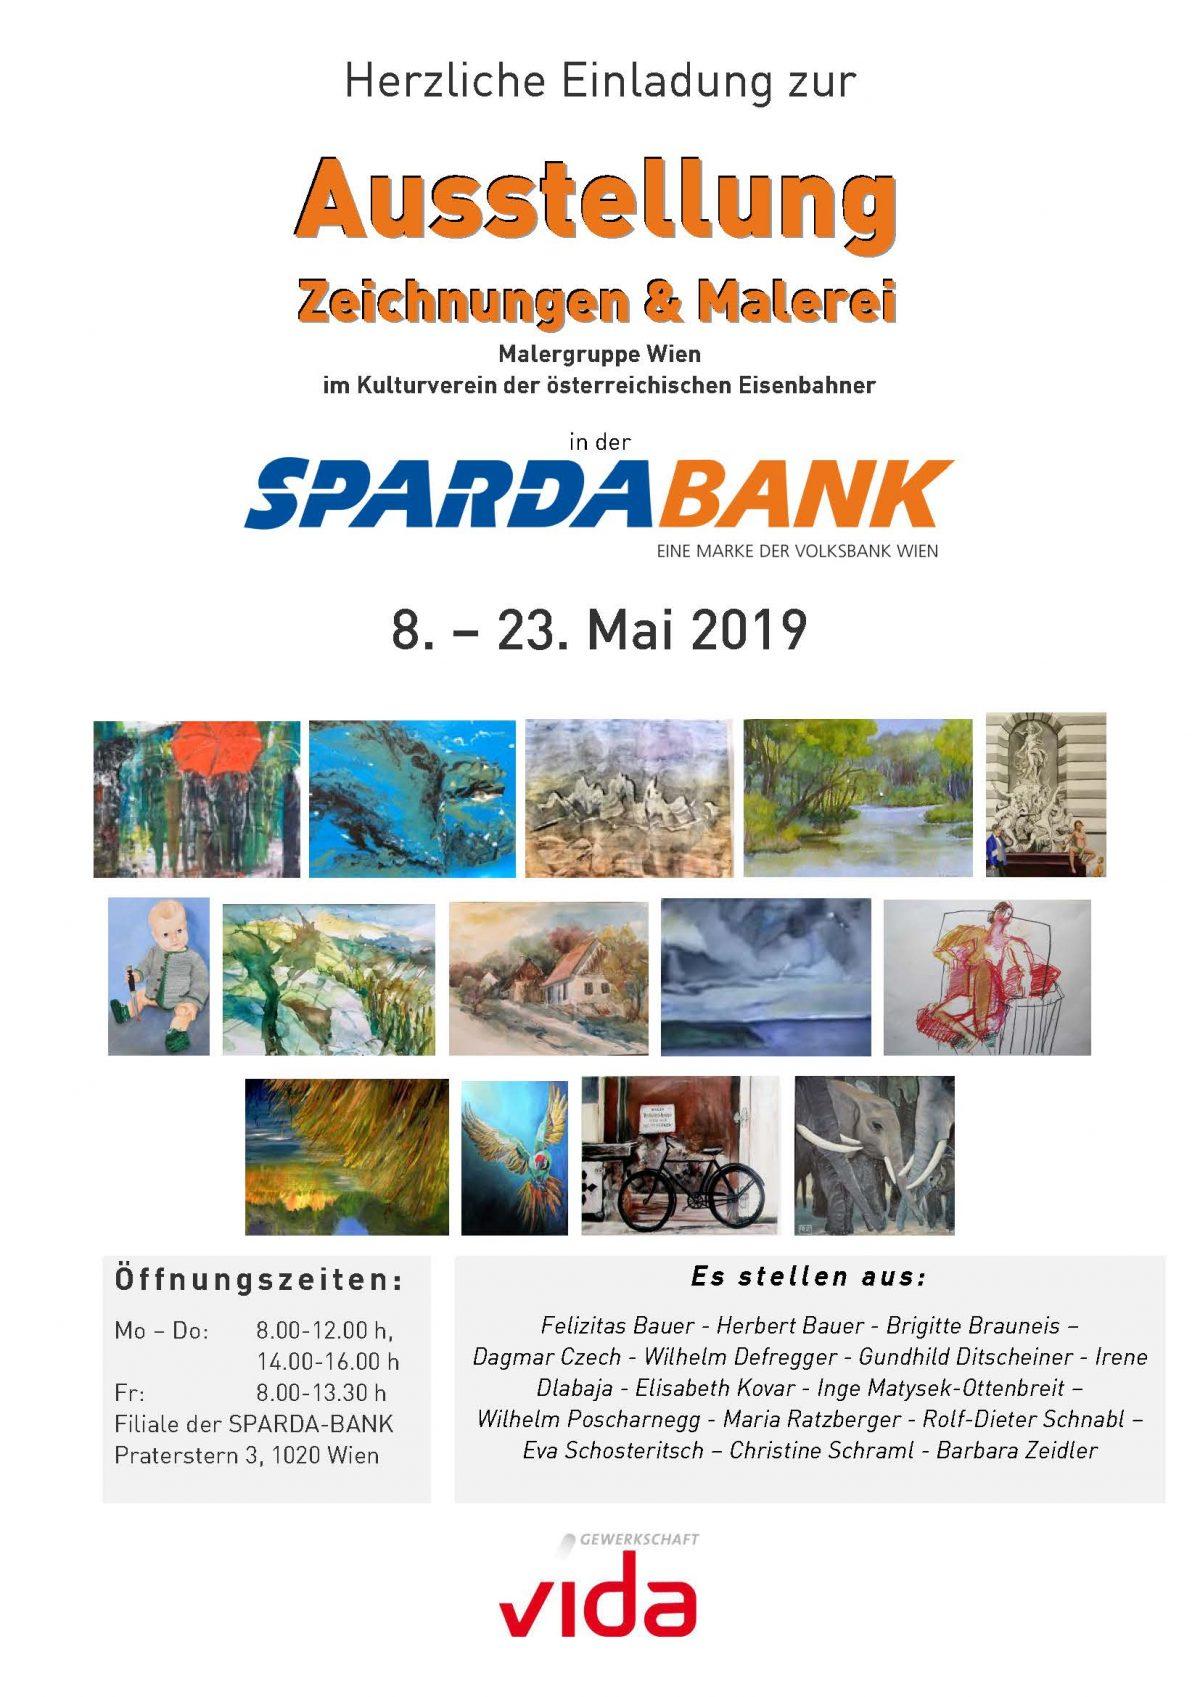 Ausstellung der Malergruppe Wien                 Zeichnungen und Malereien